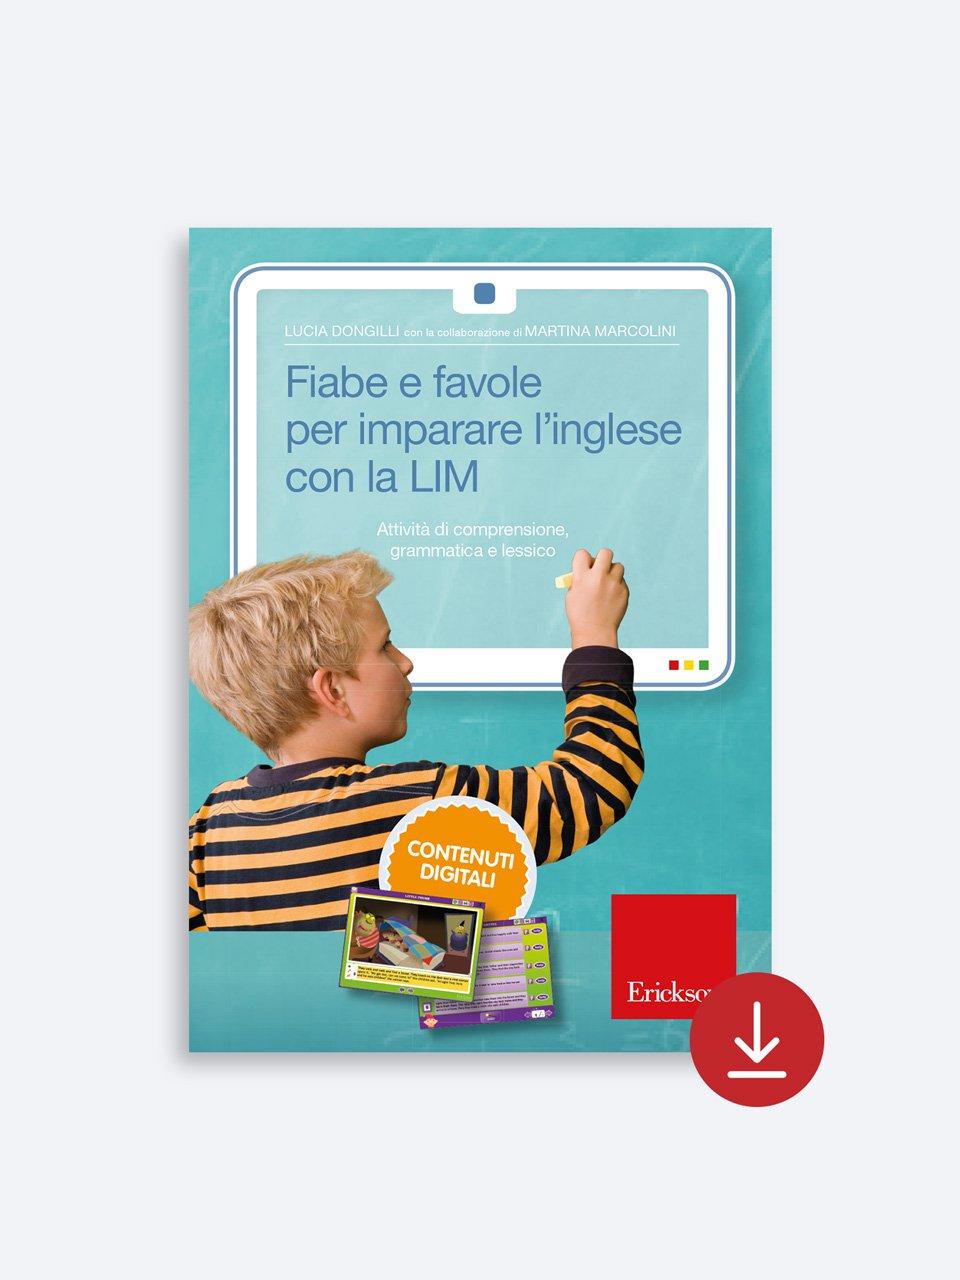 Fiabe e favole per imparare l'inglese con la LIM - Schede per Tablotto (Età 8+) - Play and Learn with - Giochi - Erickson 2